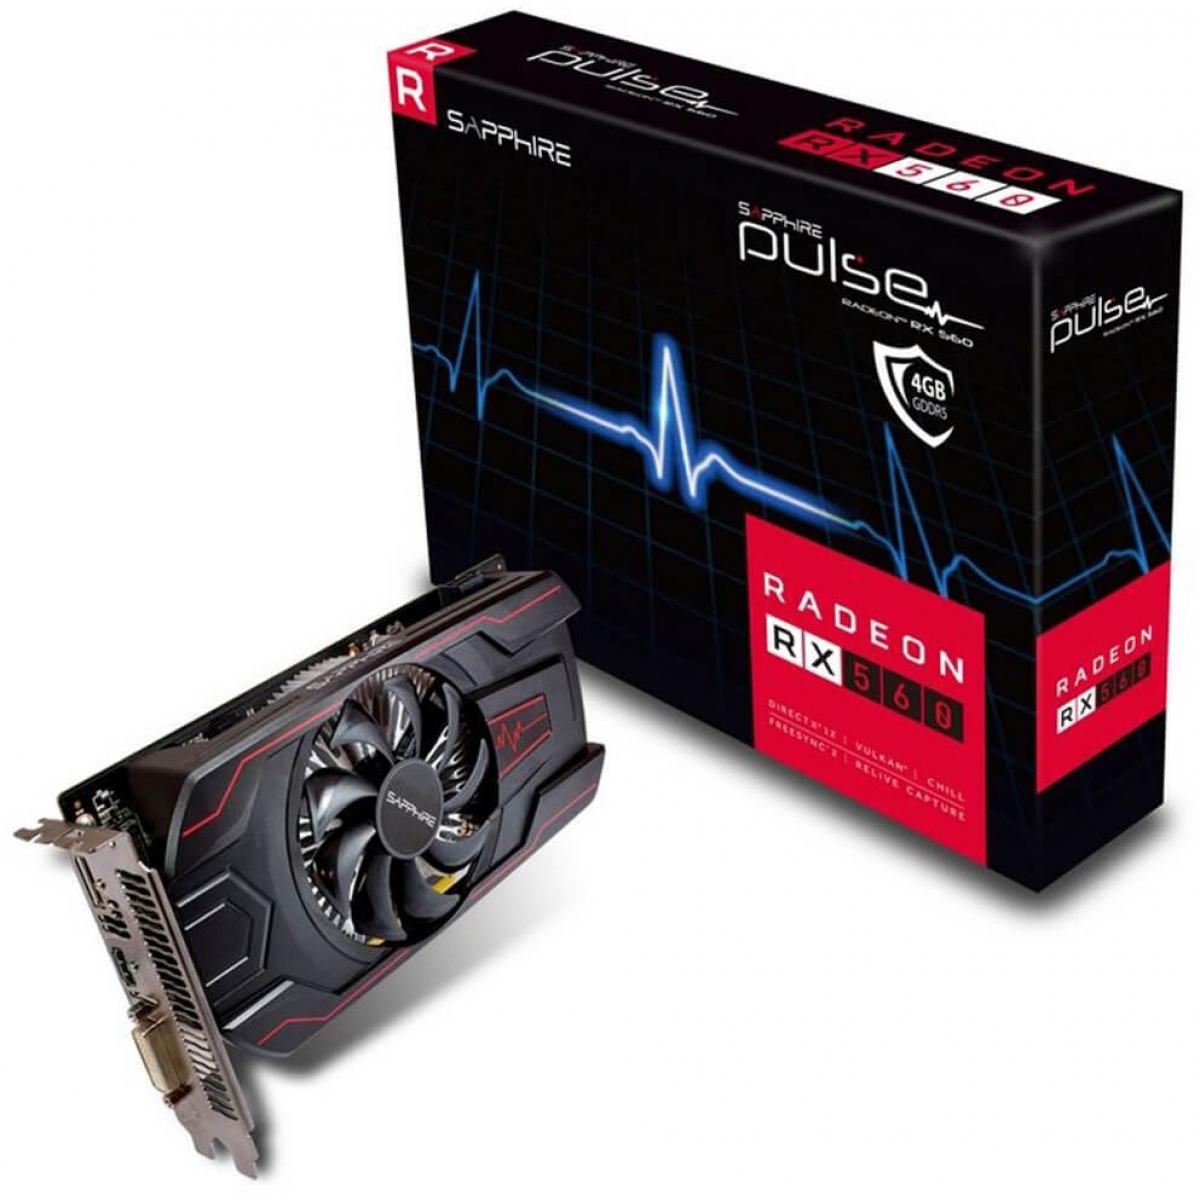 Placa de Vídeo Sapphire Radeon RX 560 Pulse, 4GB GDDR5, 128Bit, 11267-18-20G